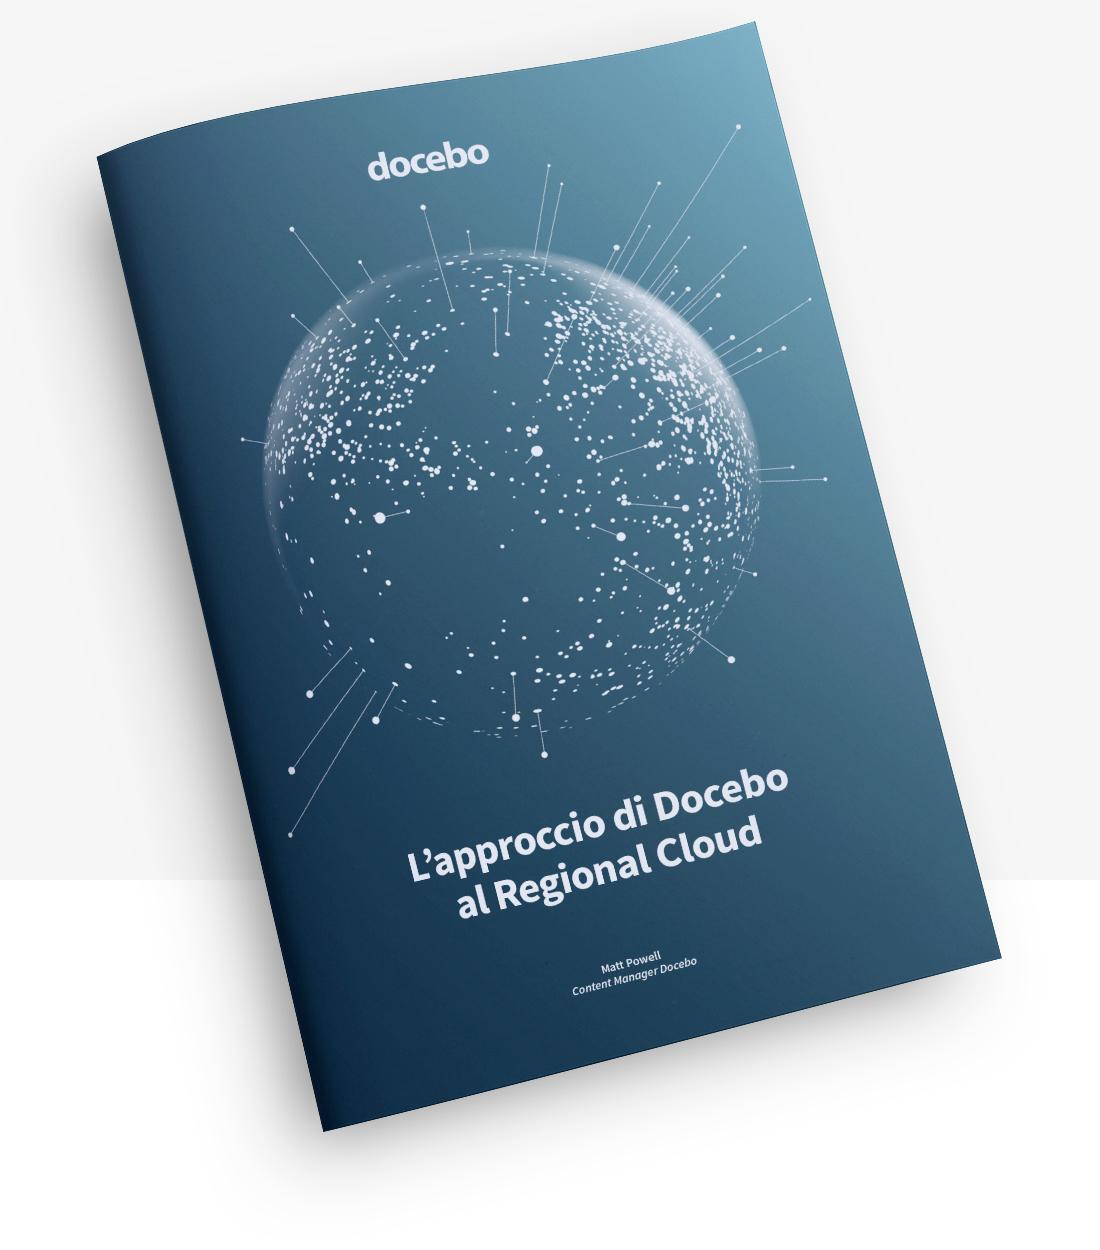 [REPORT] Docebo ha scelto il Regional Cloud